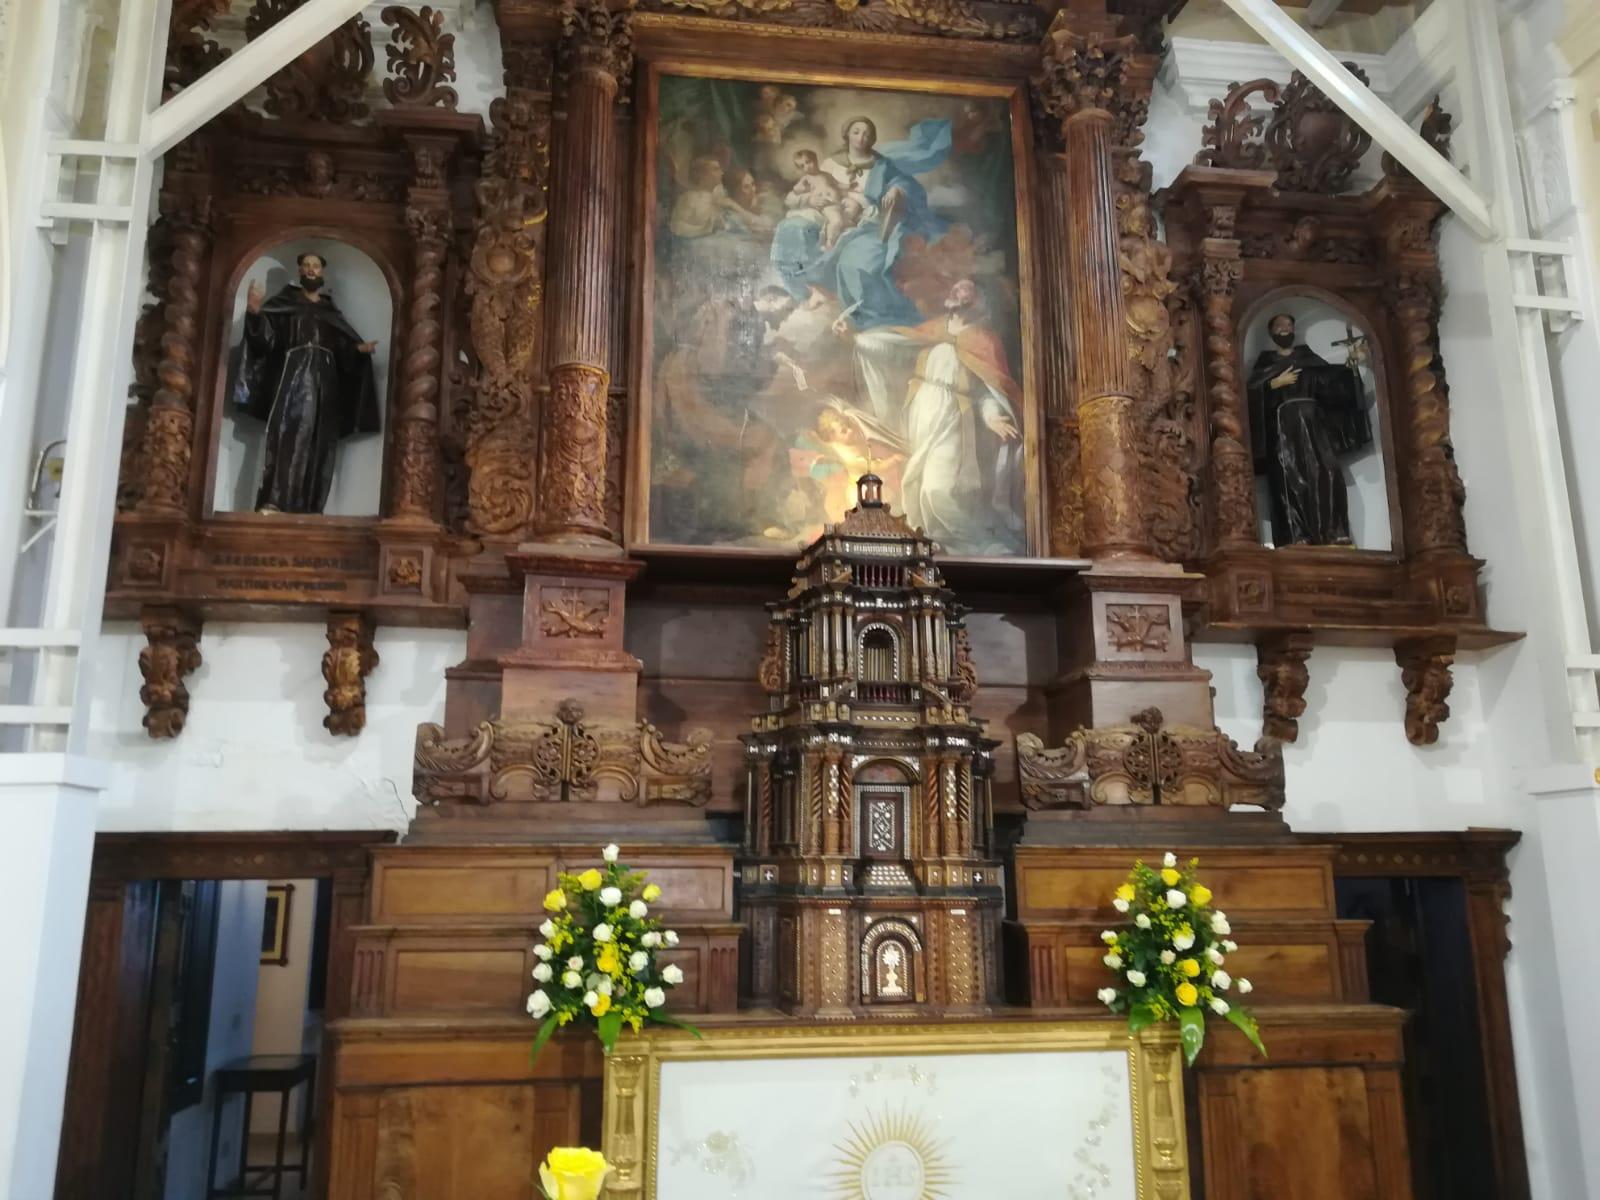 Sant'antonio Altare Maggiore